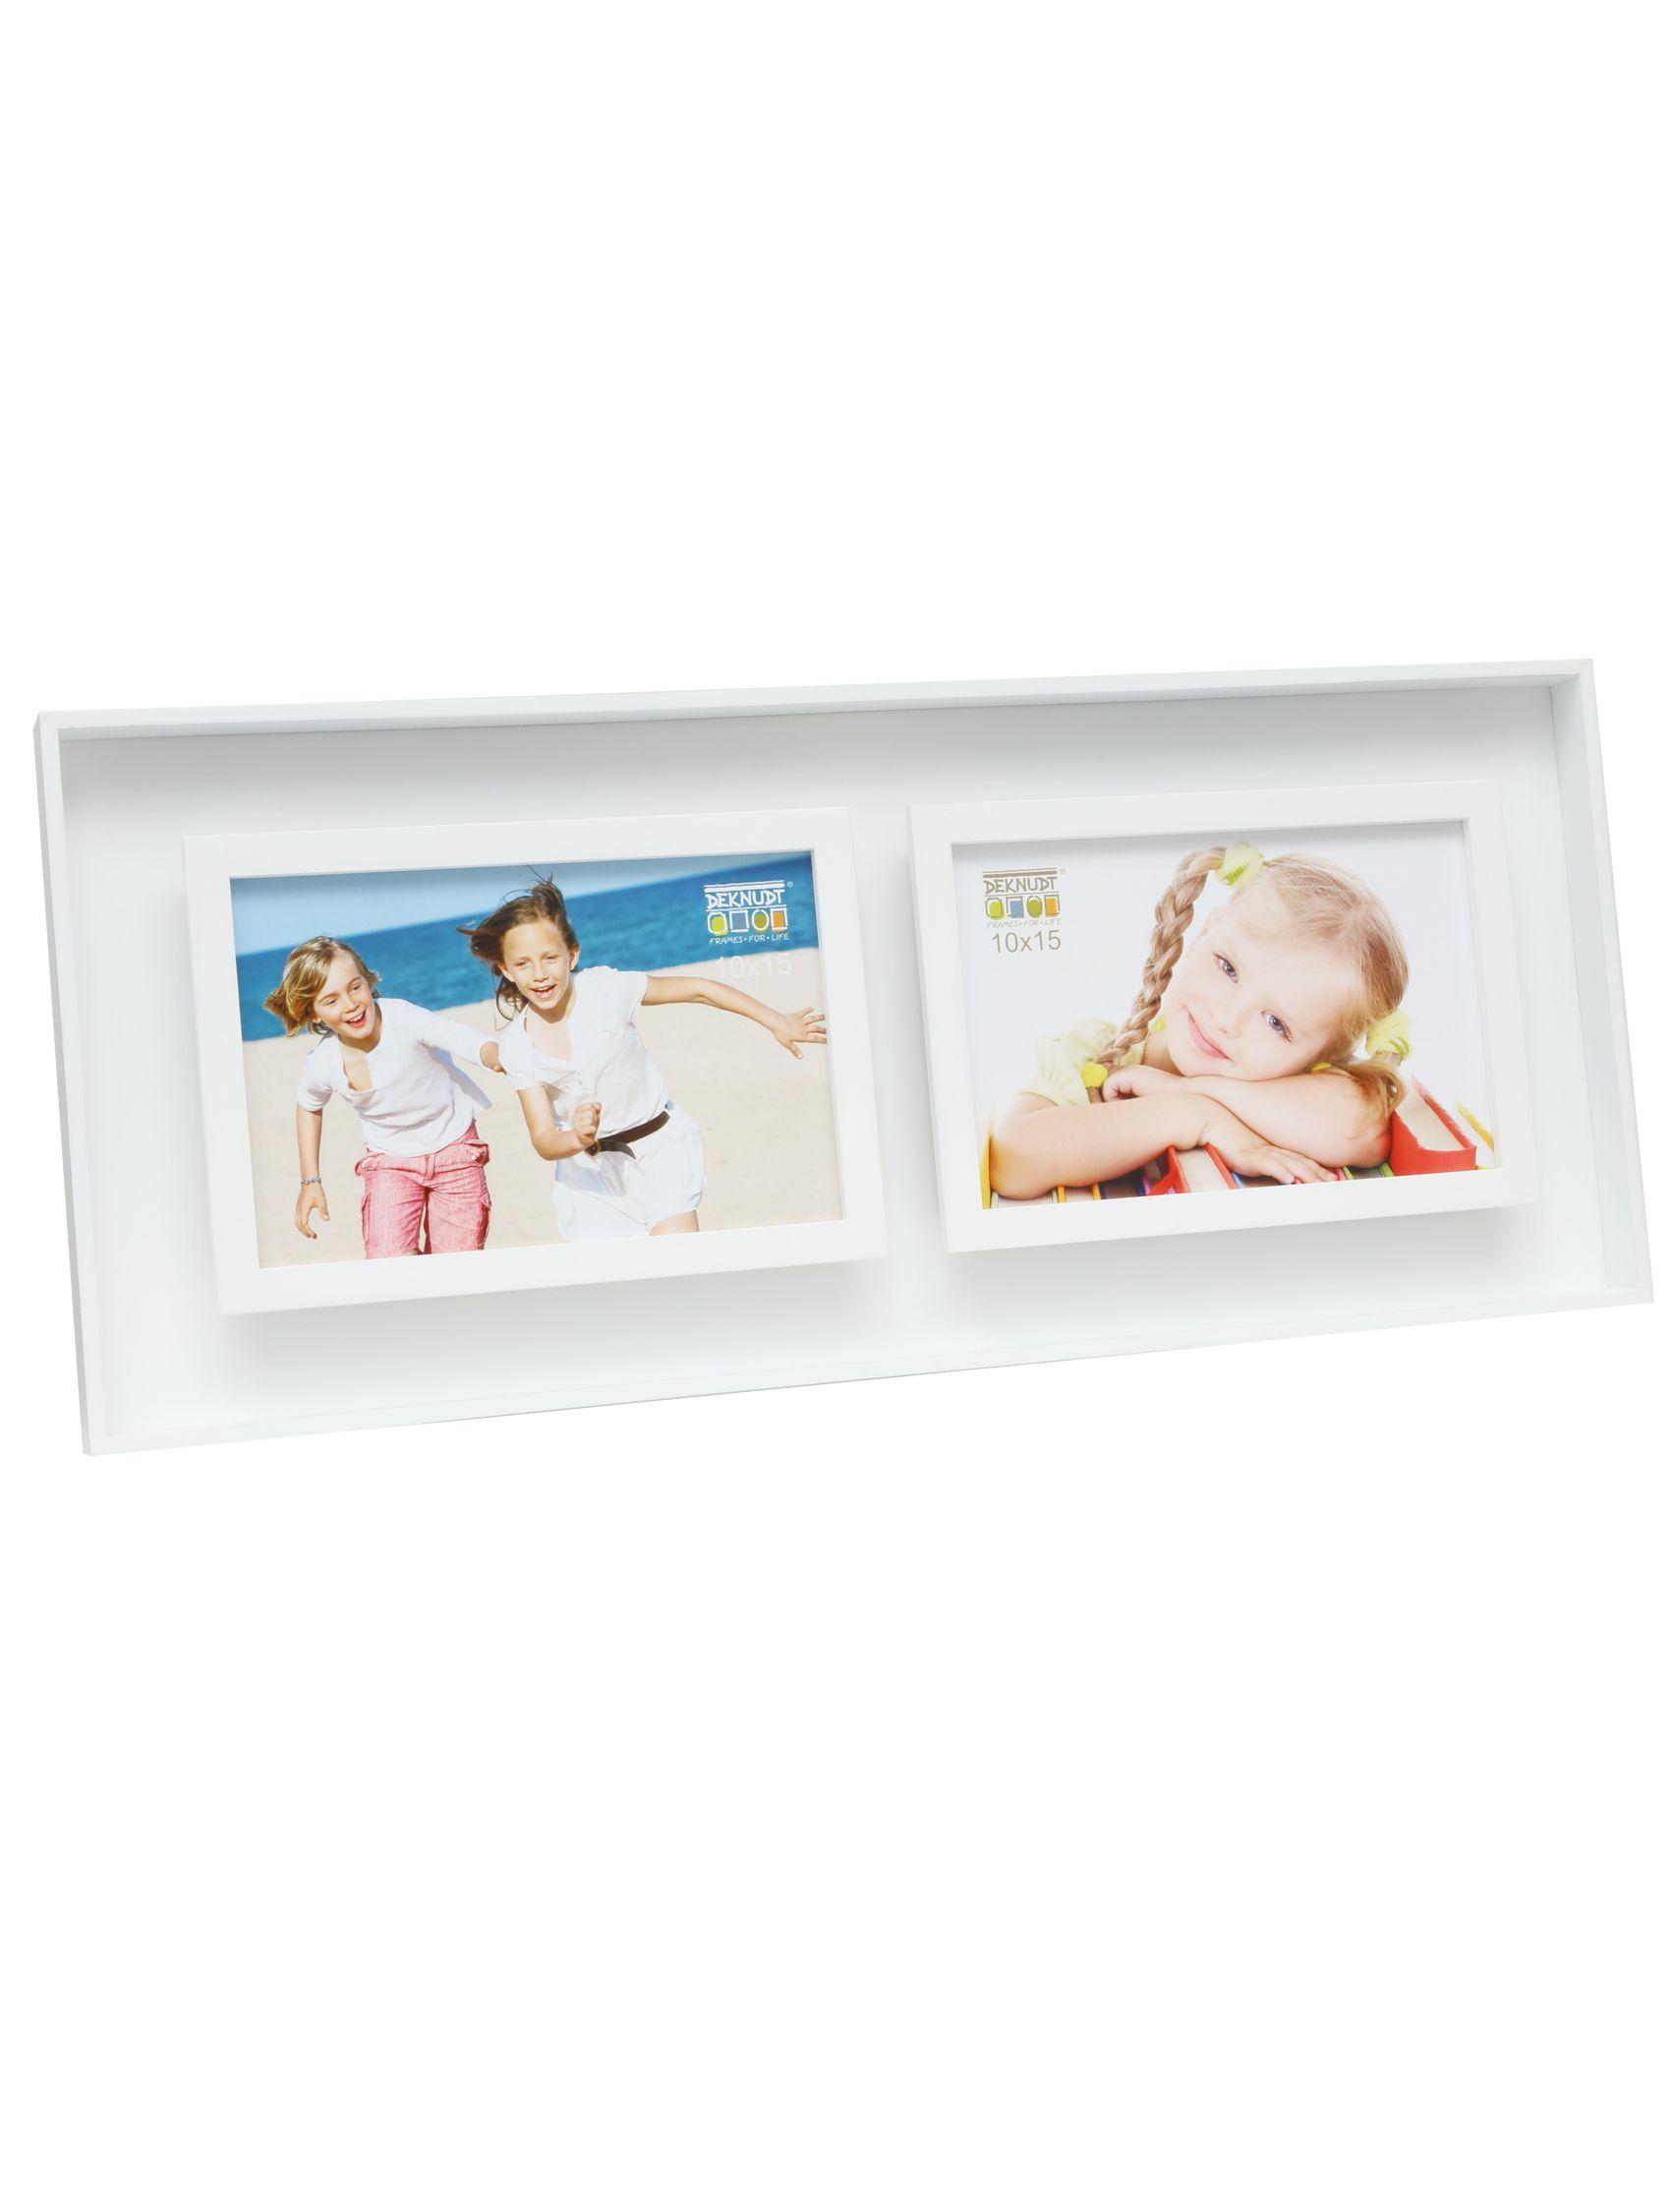 fotokader wit hout met diepte-effect, voor 2 foto's 10x15 horizontaal S68DK1 P2